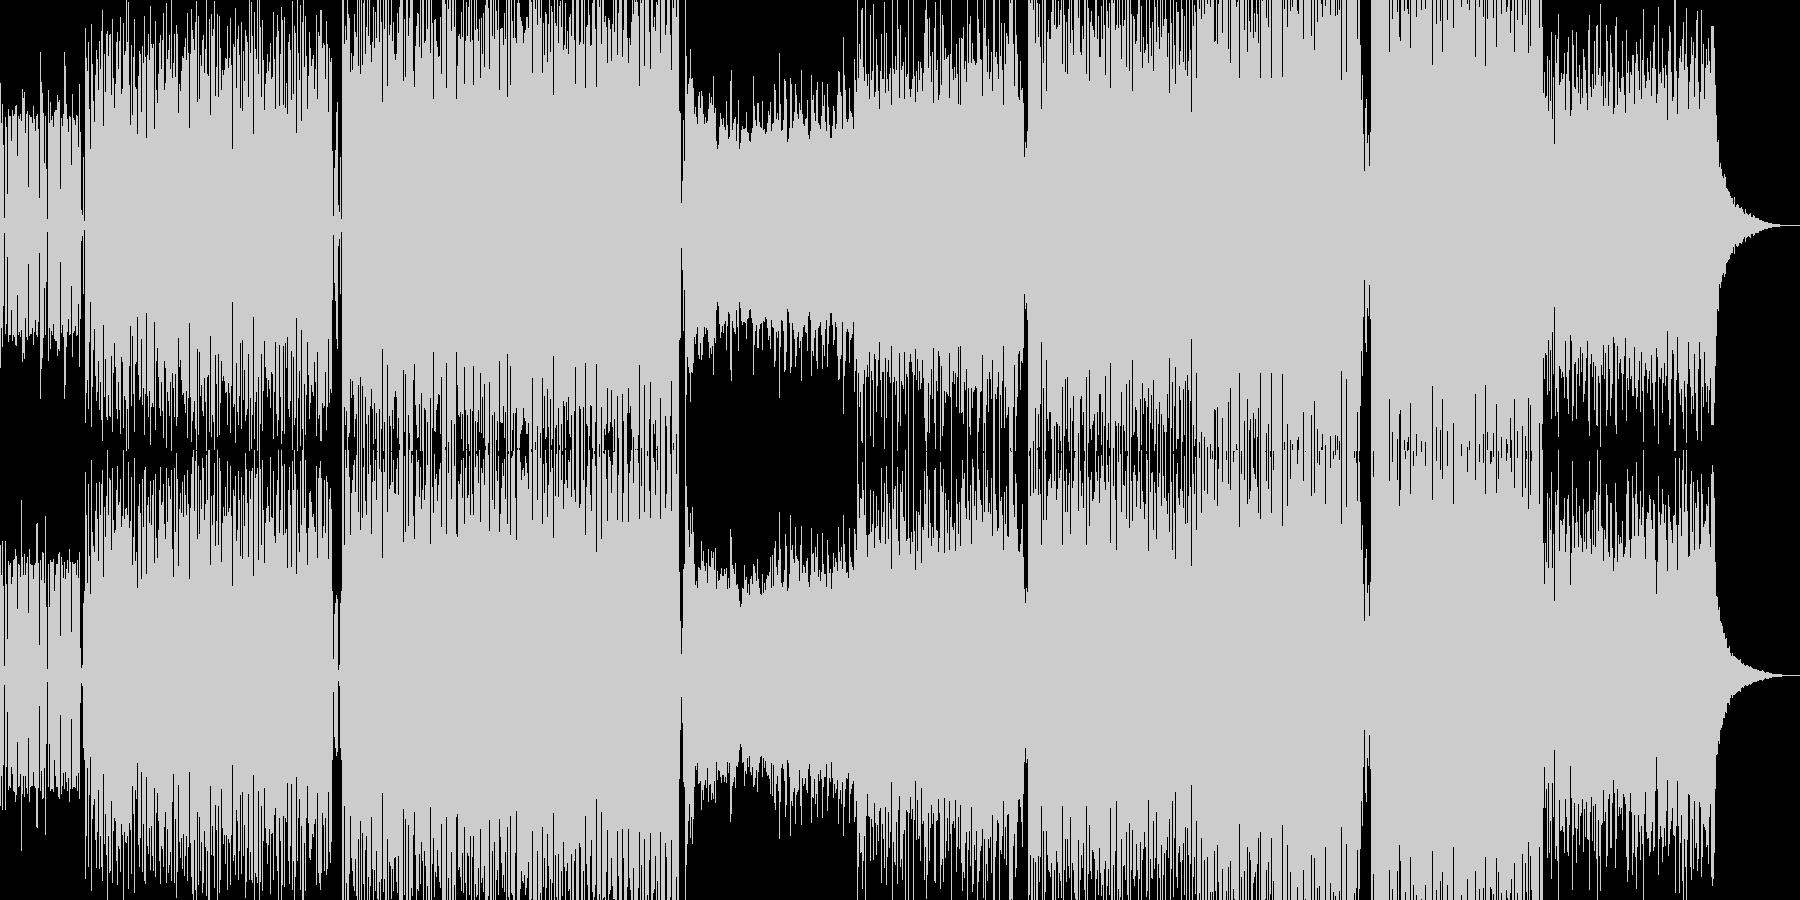 ブレイクビーツBGMの未再生の波形